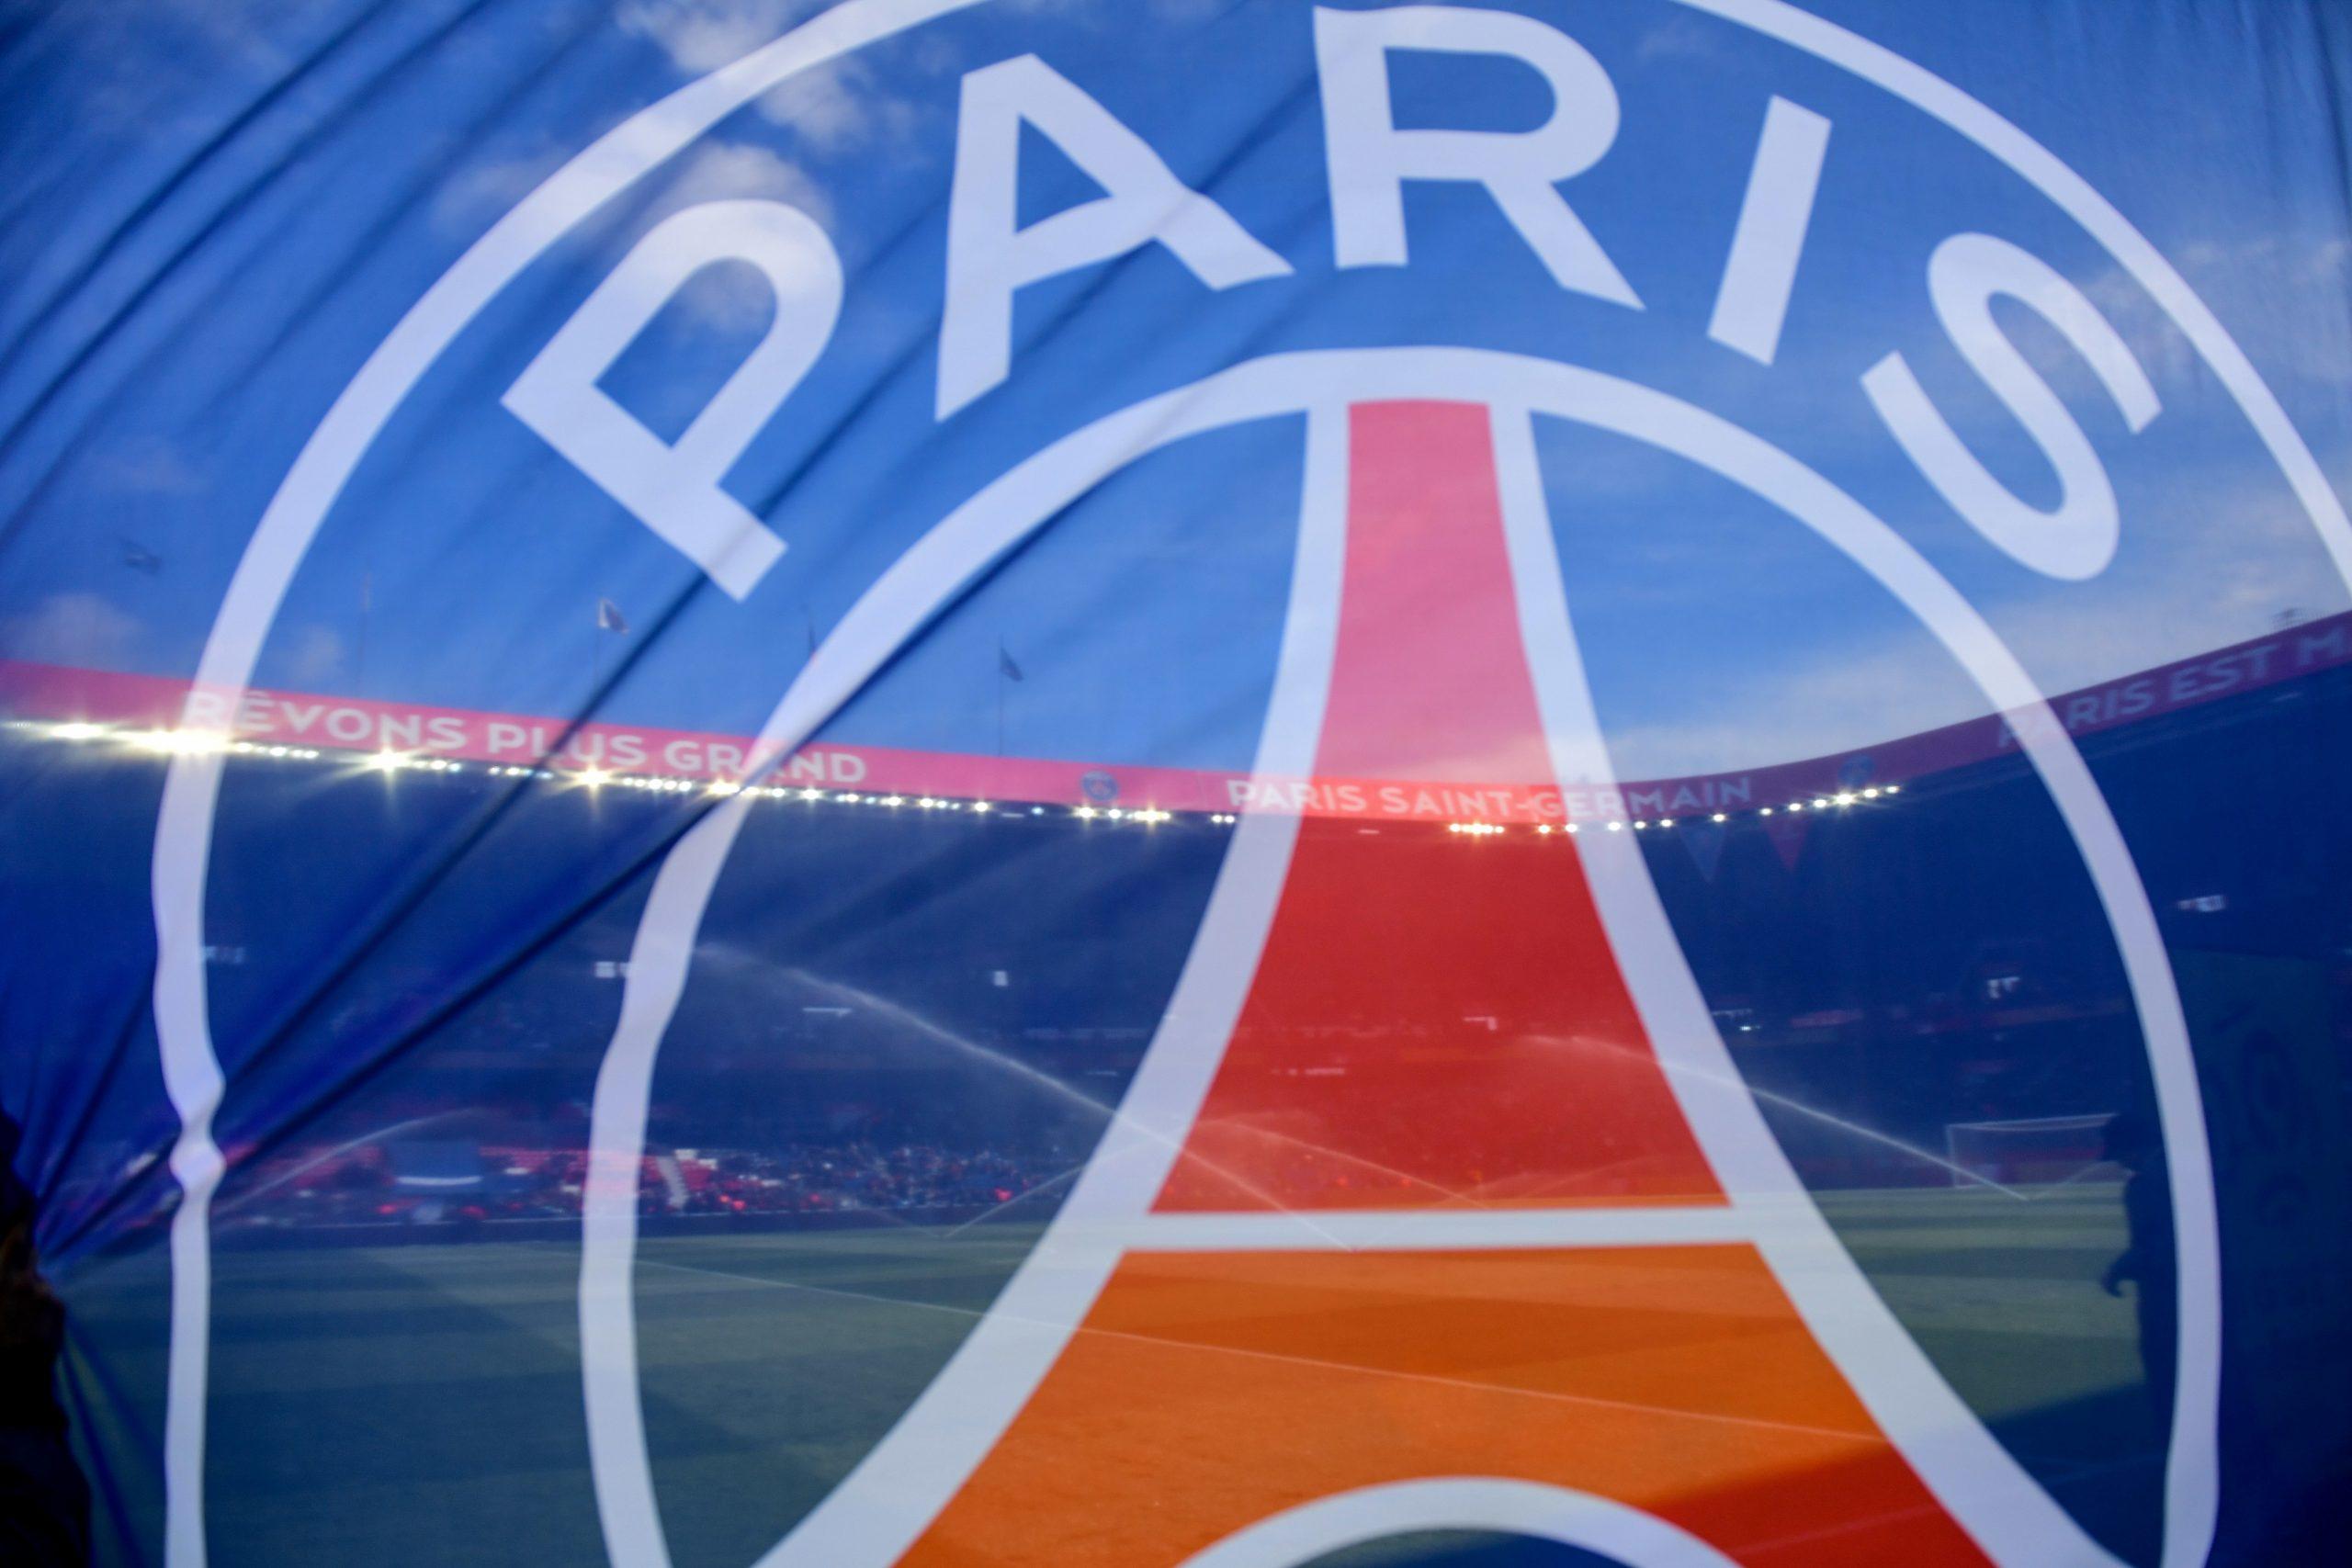 Le programme du PSG cette semaine : Coupe de France et dernier match avant la LDC